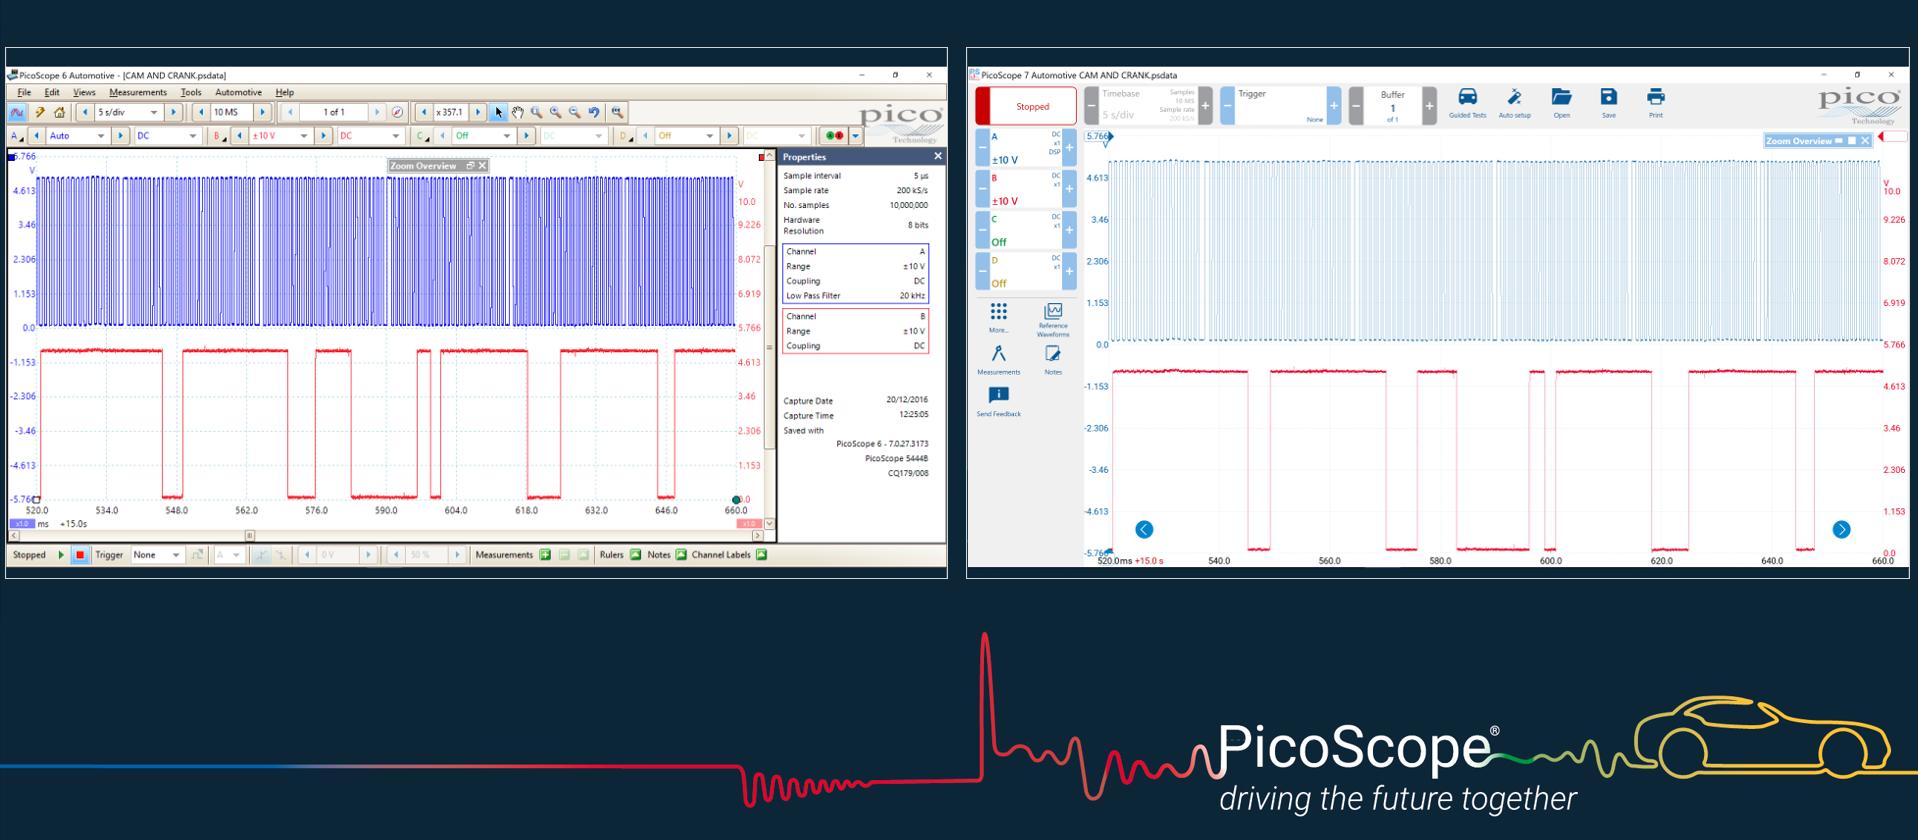 PicoScope 6 vs 7 screen layout Comparison